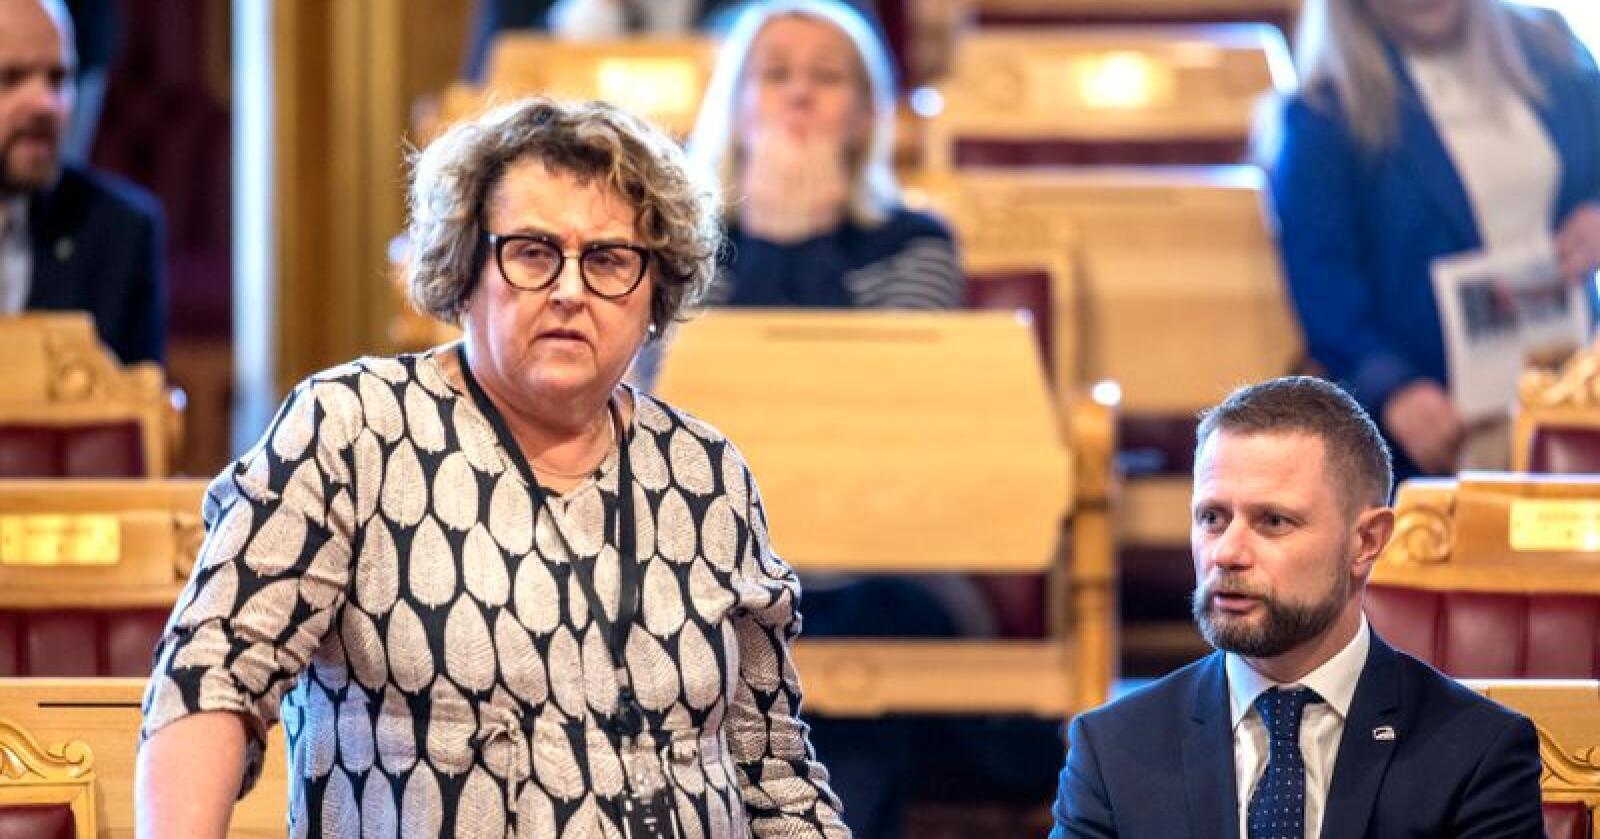 Landbruks- og matminister Olaug Bollestad under en spørretime i 2019. Foto: Ole Berg-Rusten / NTB Scanpix